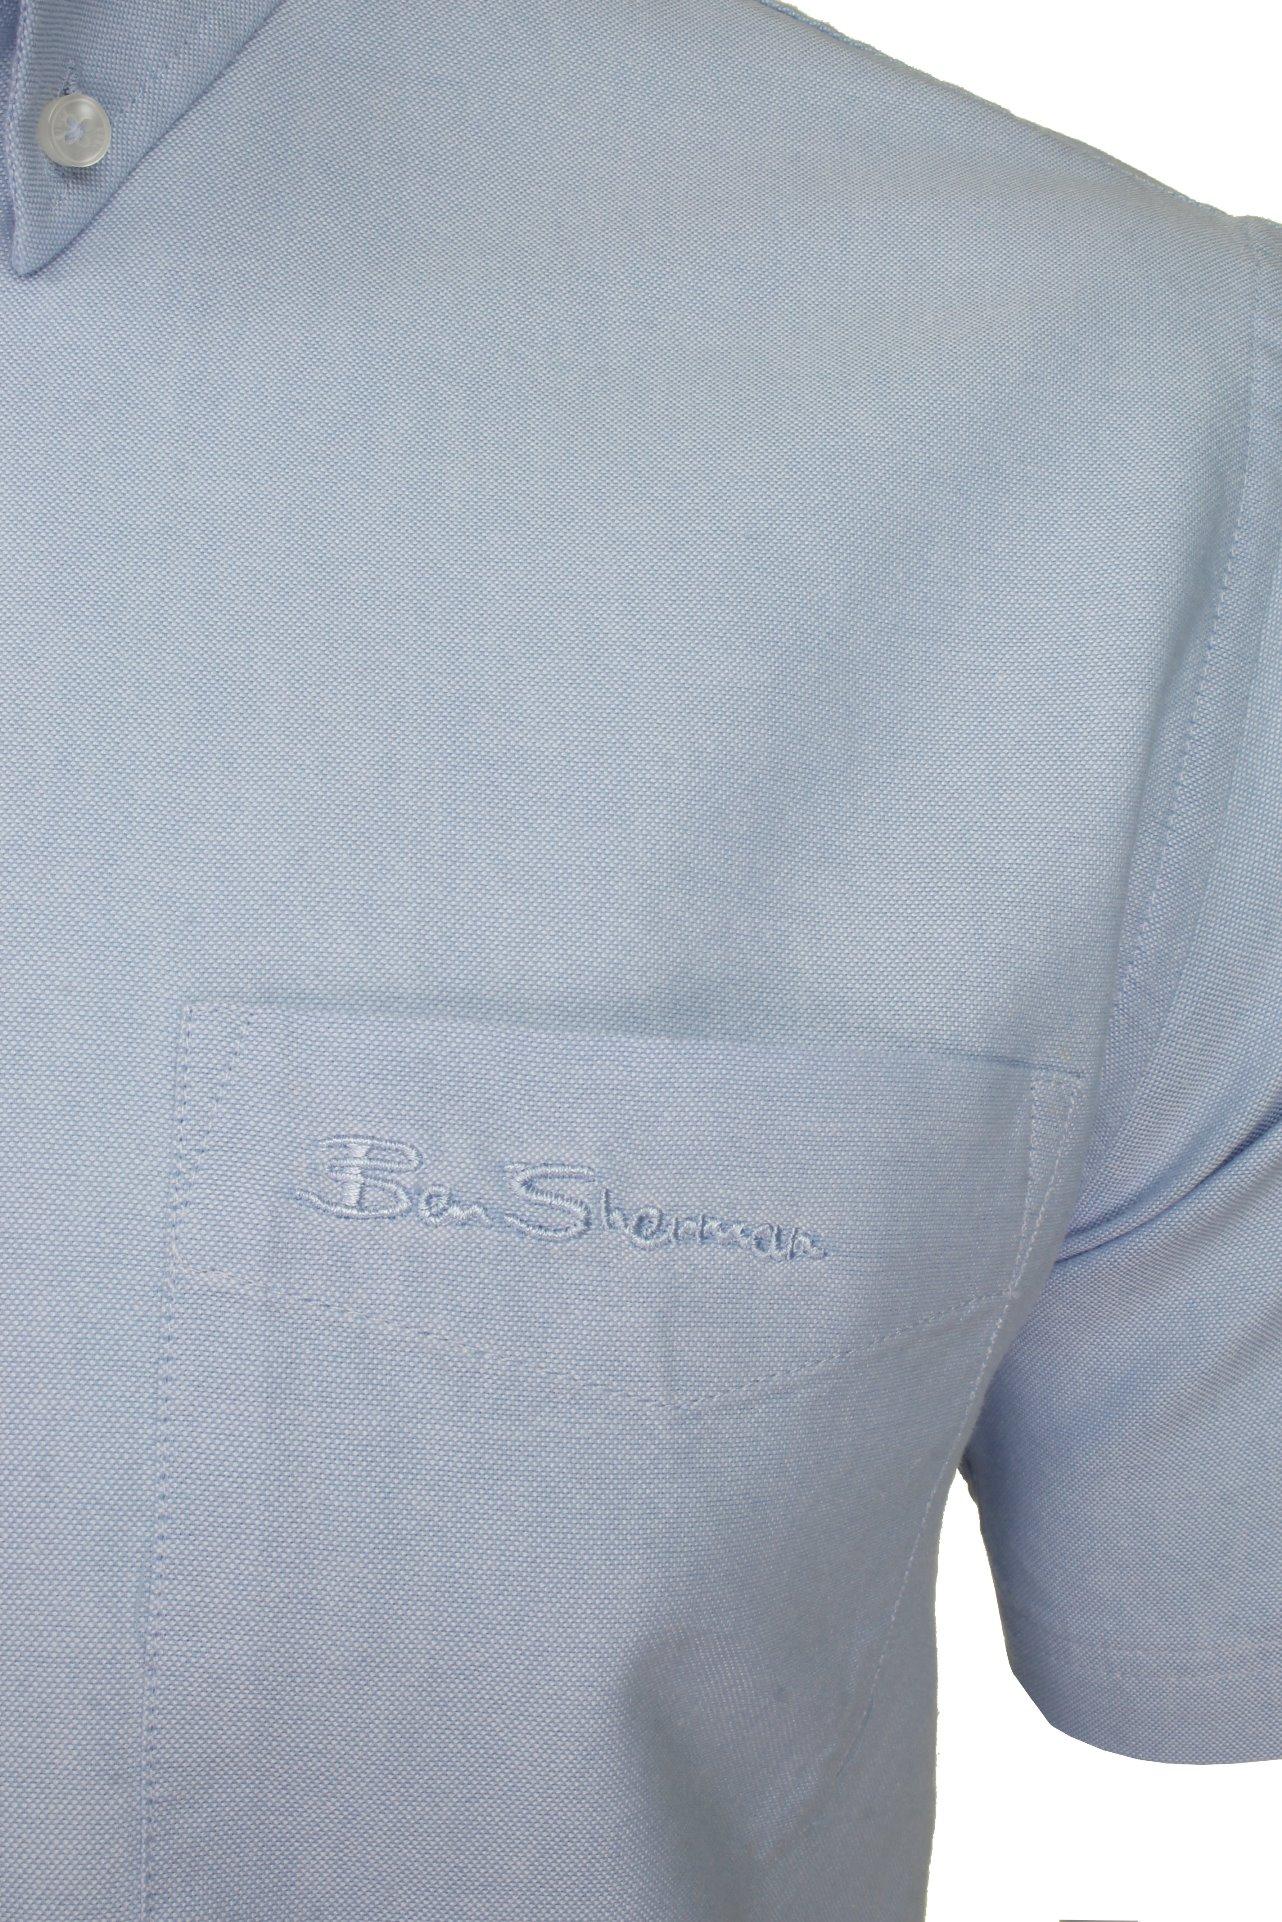 Ben-Sherman-Da-Uomo-Camicia-Oxford-Manica-Corta miniatura 34